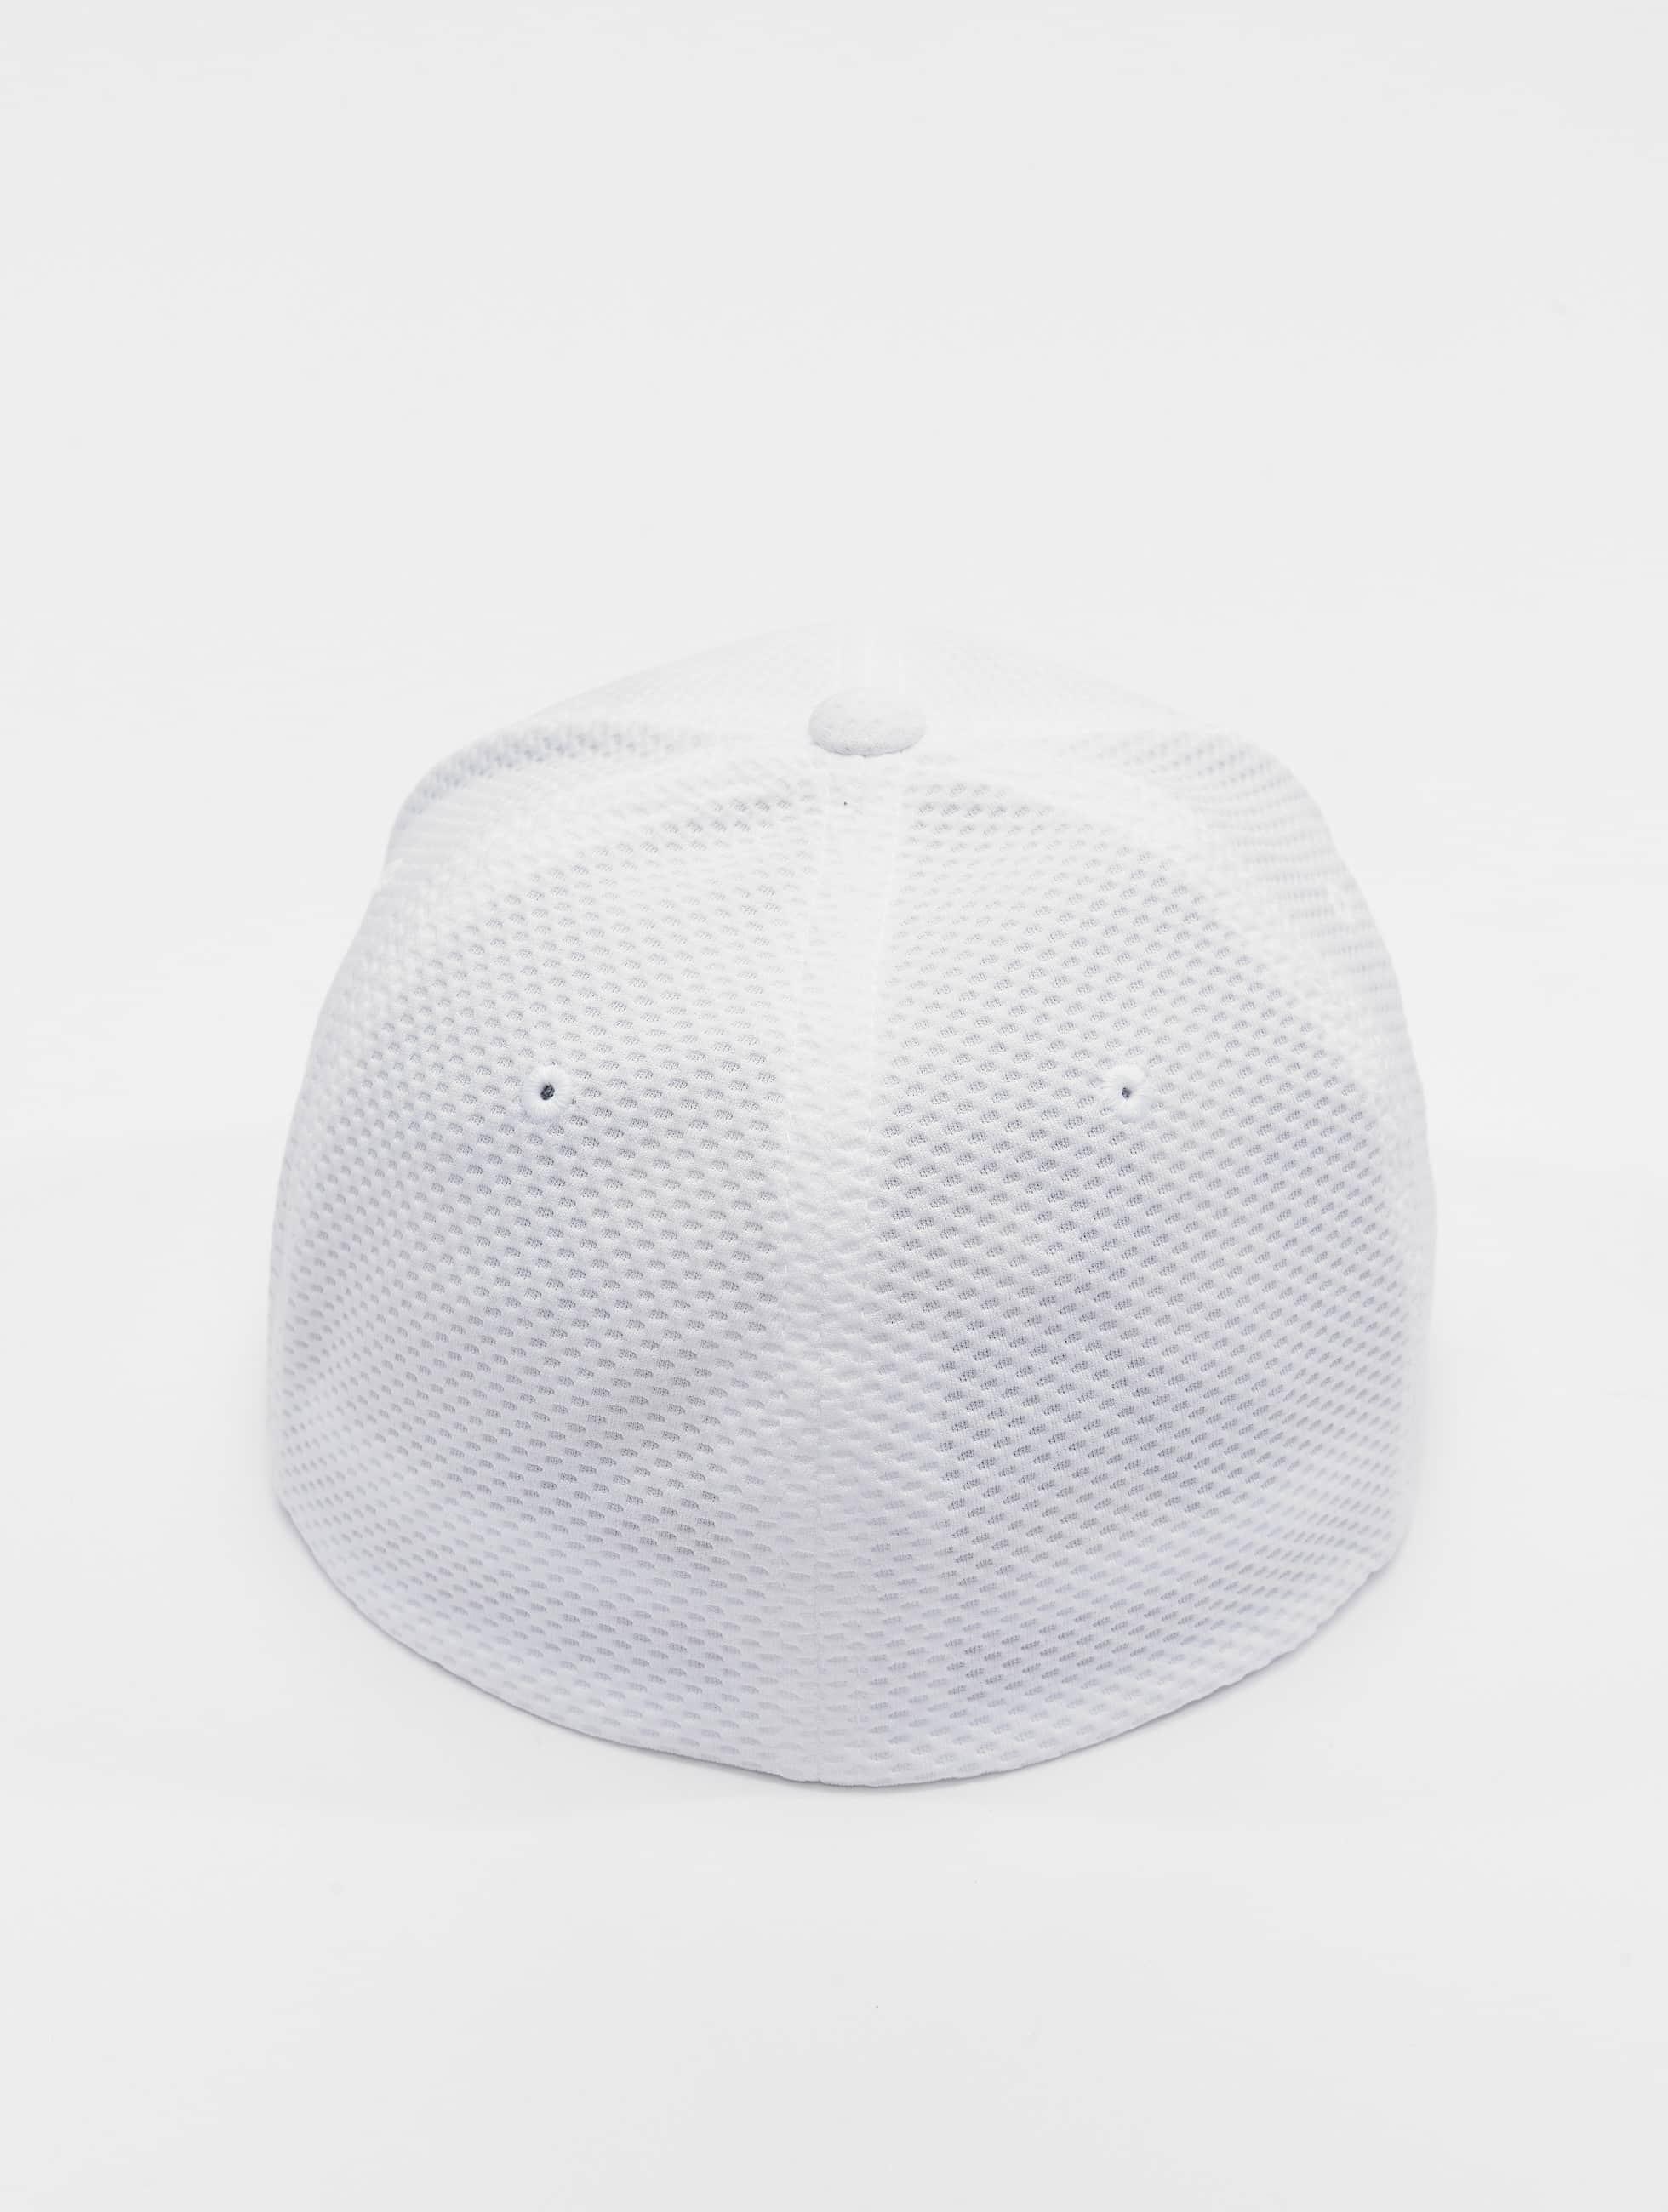 Flexfit Flexfitted Cap 3D Hexagon bianco